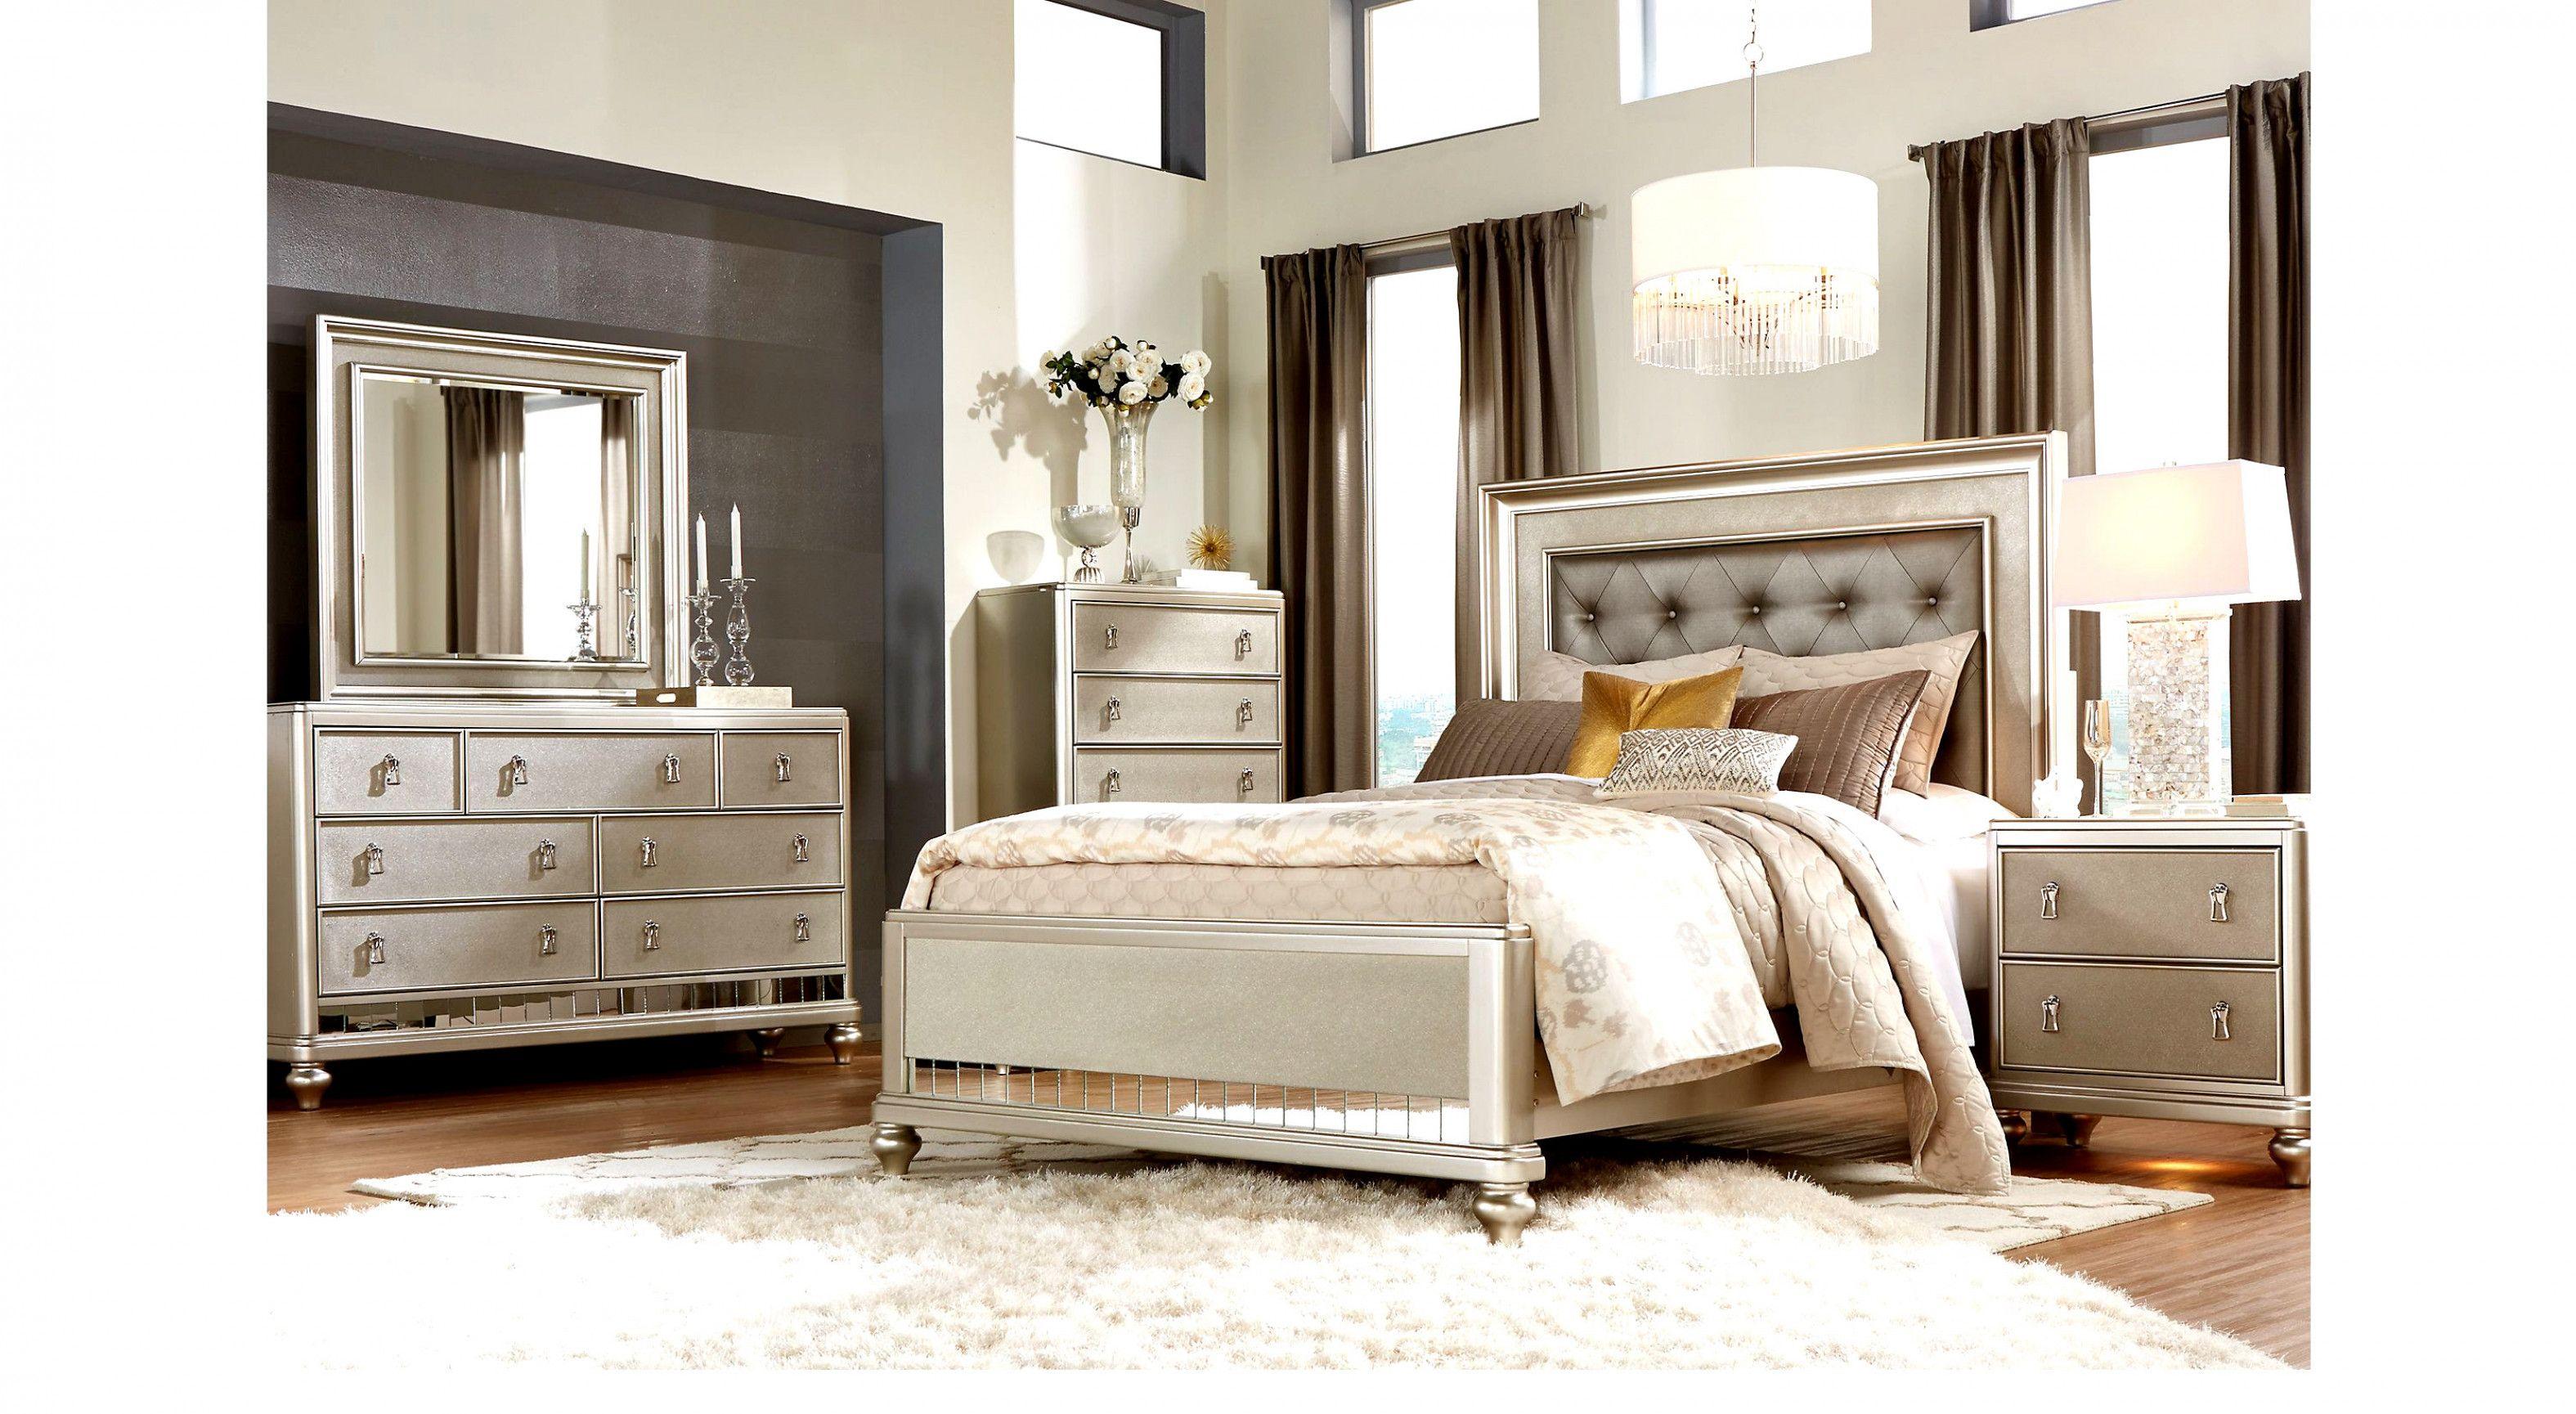 Sofia Vergara Paris 7 Pc Queen Bedroom Queen Bedroom Sets Colors Masterbedroomideas Bedroom Sets Furniture Queen Rooms To Go Bedroom Bedroom Sets Queen